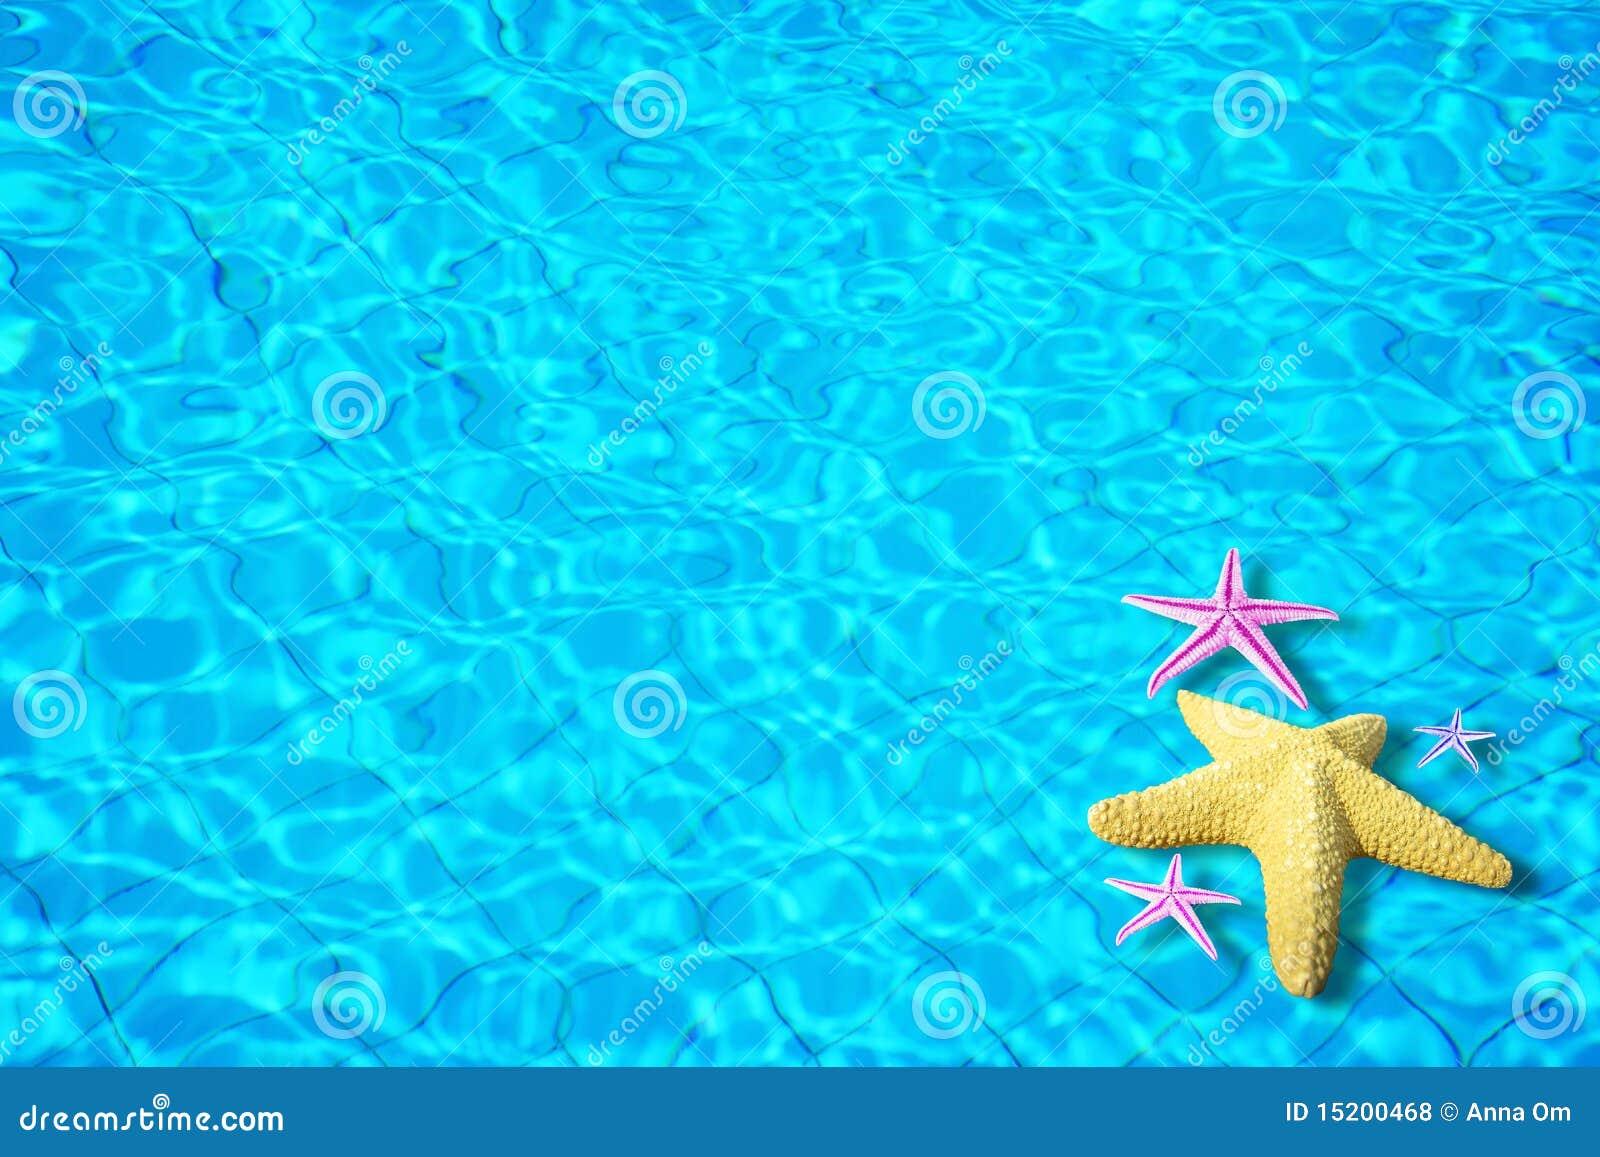 Fondo del agua con las estrellas de mar stock de for Fondos animados de agua